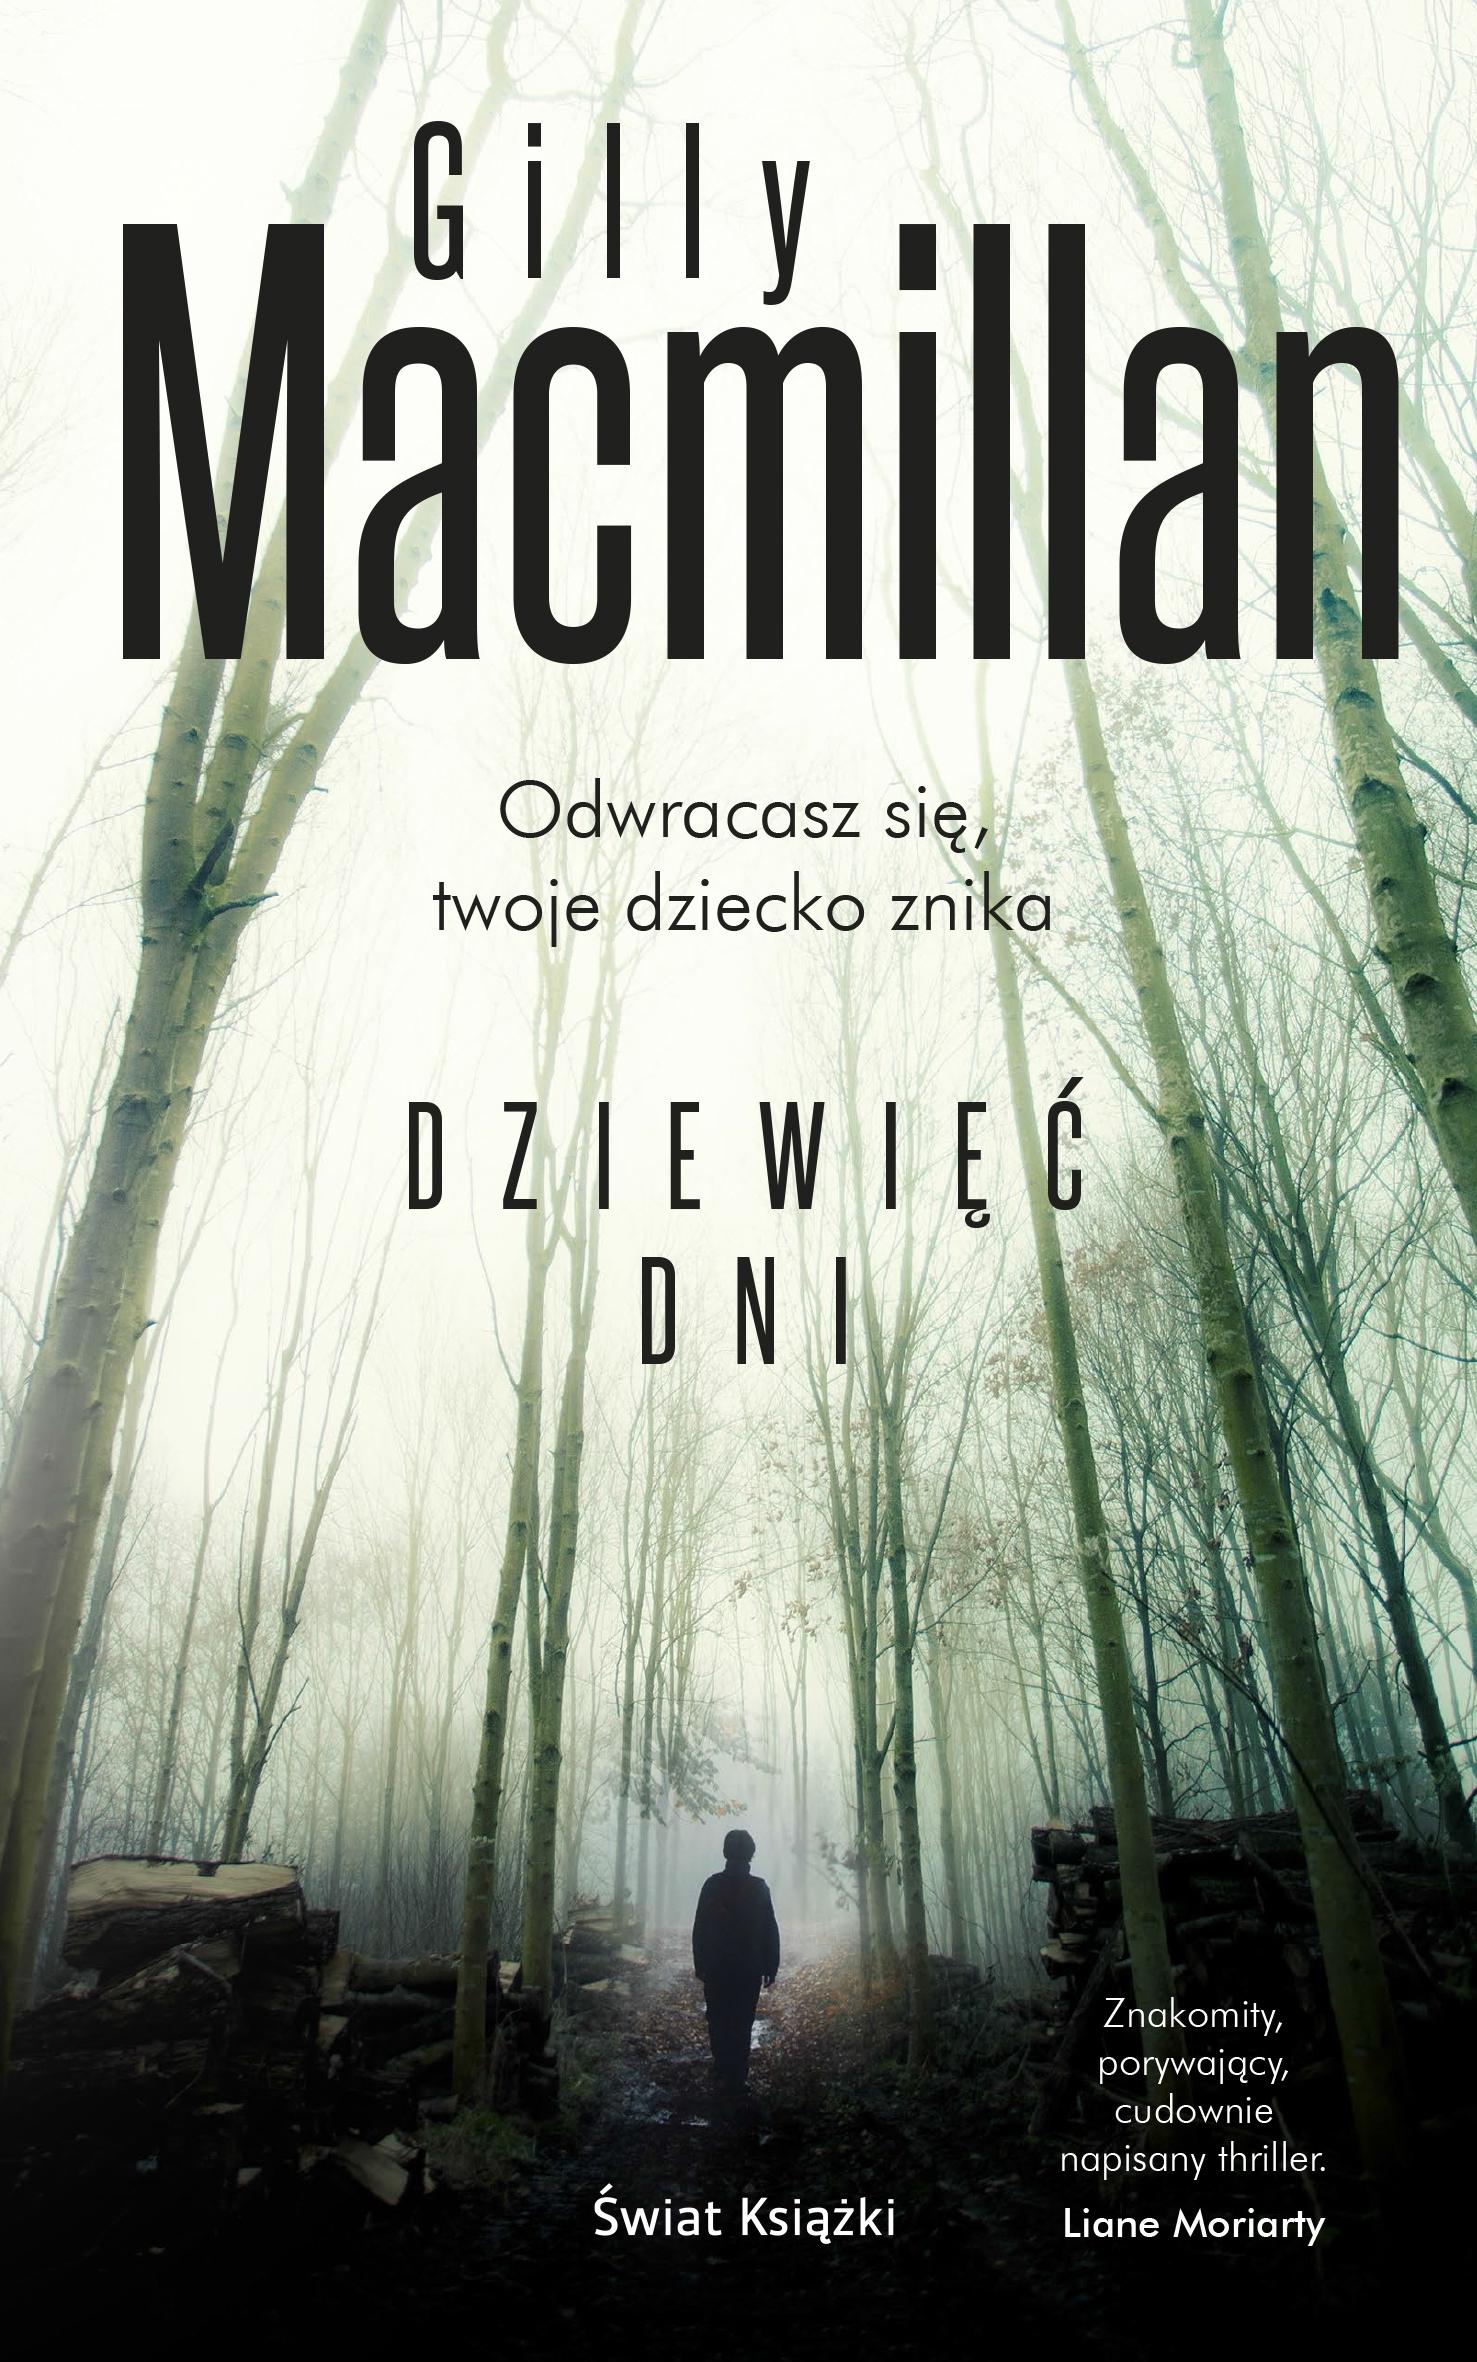 Dziewięć dni Gilly Macmillan